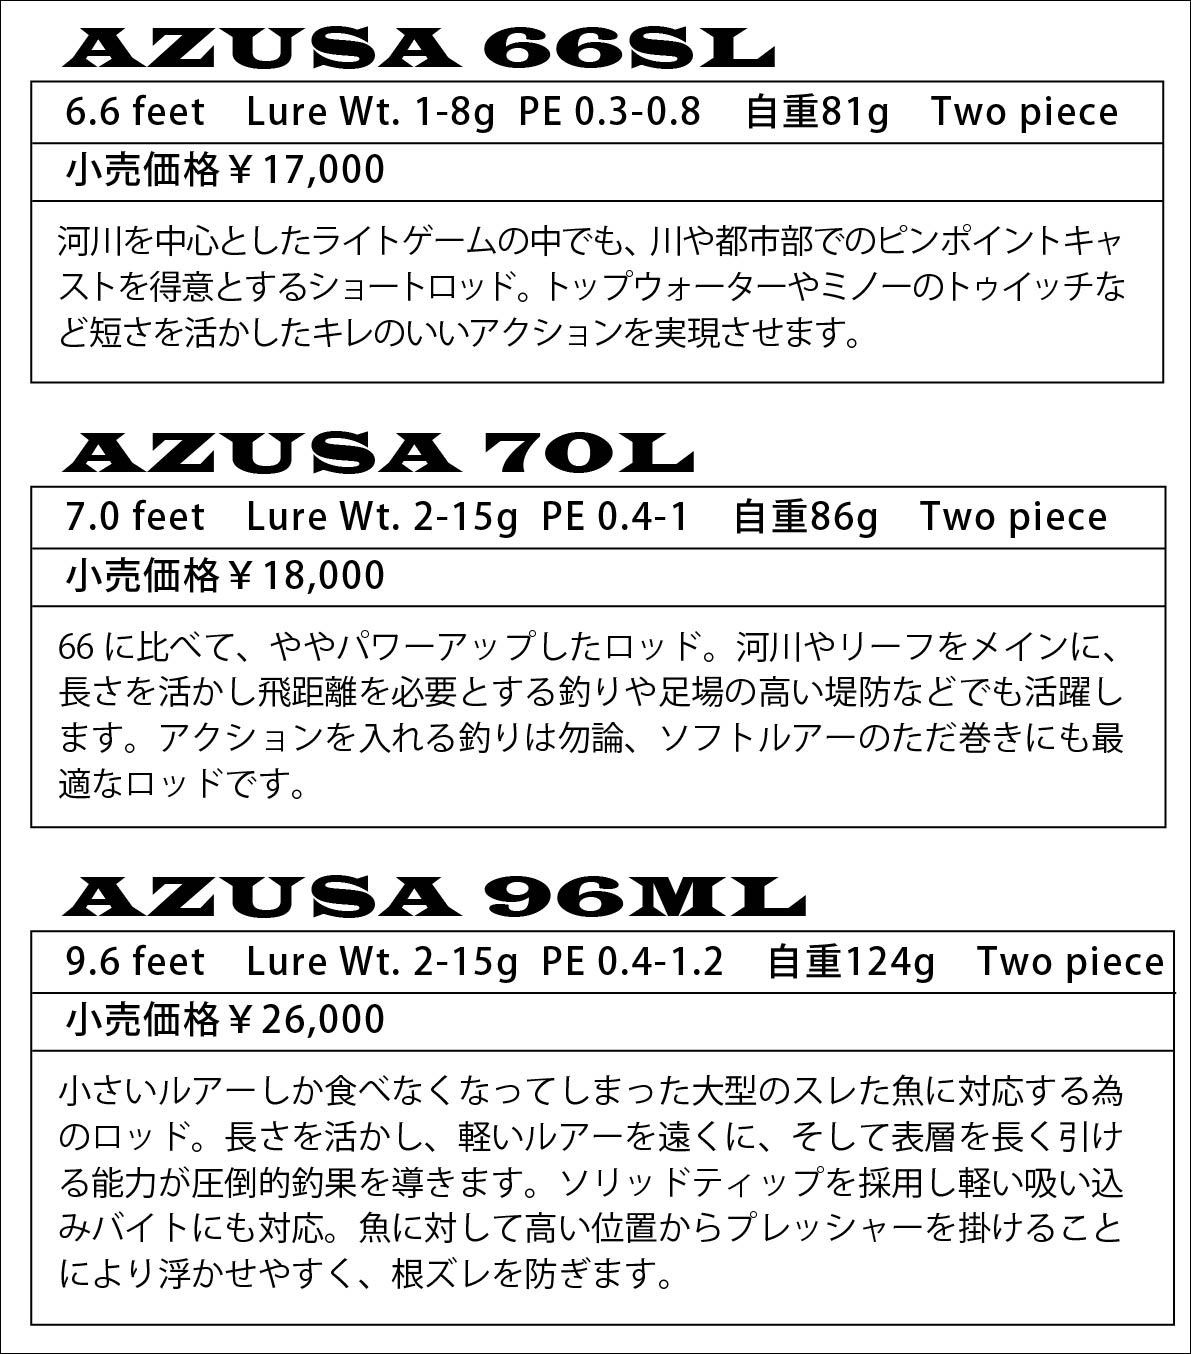 AZUSA_005